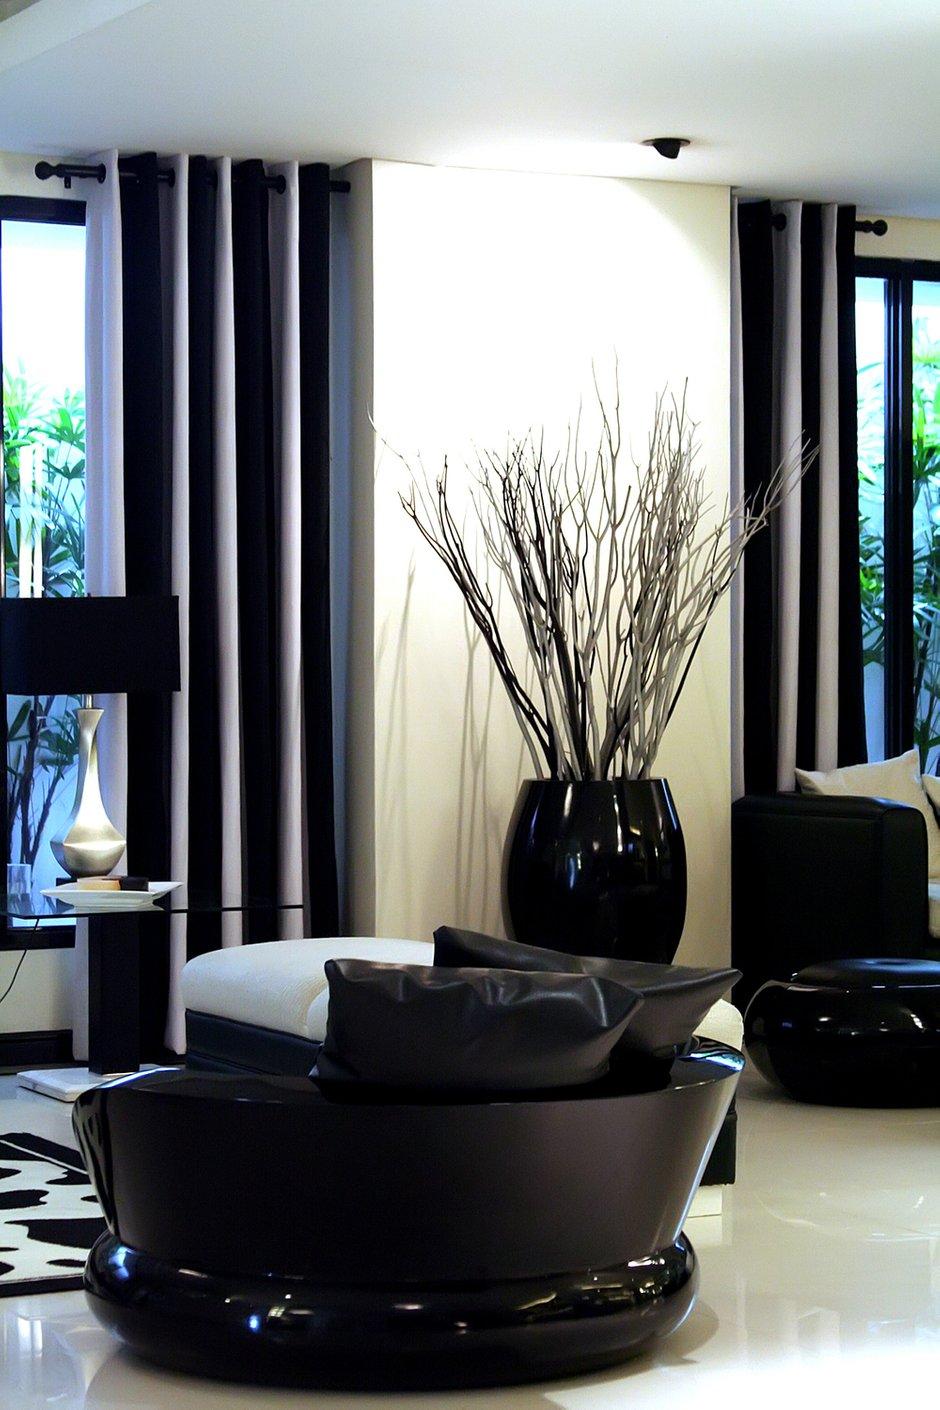 Фотография: Гостиная в стиле Современный, Декор интерьера, Квартира, Дом, Дизайн интерьера, Цвет в интерьере – фото на INMYROOM